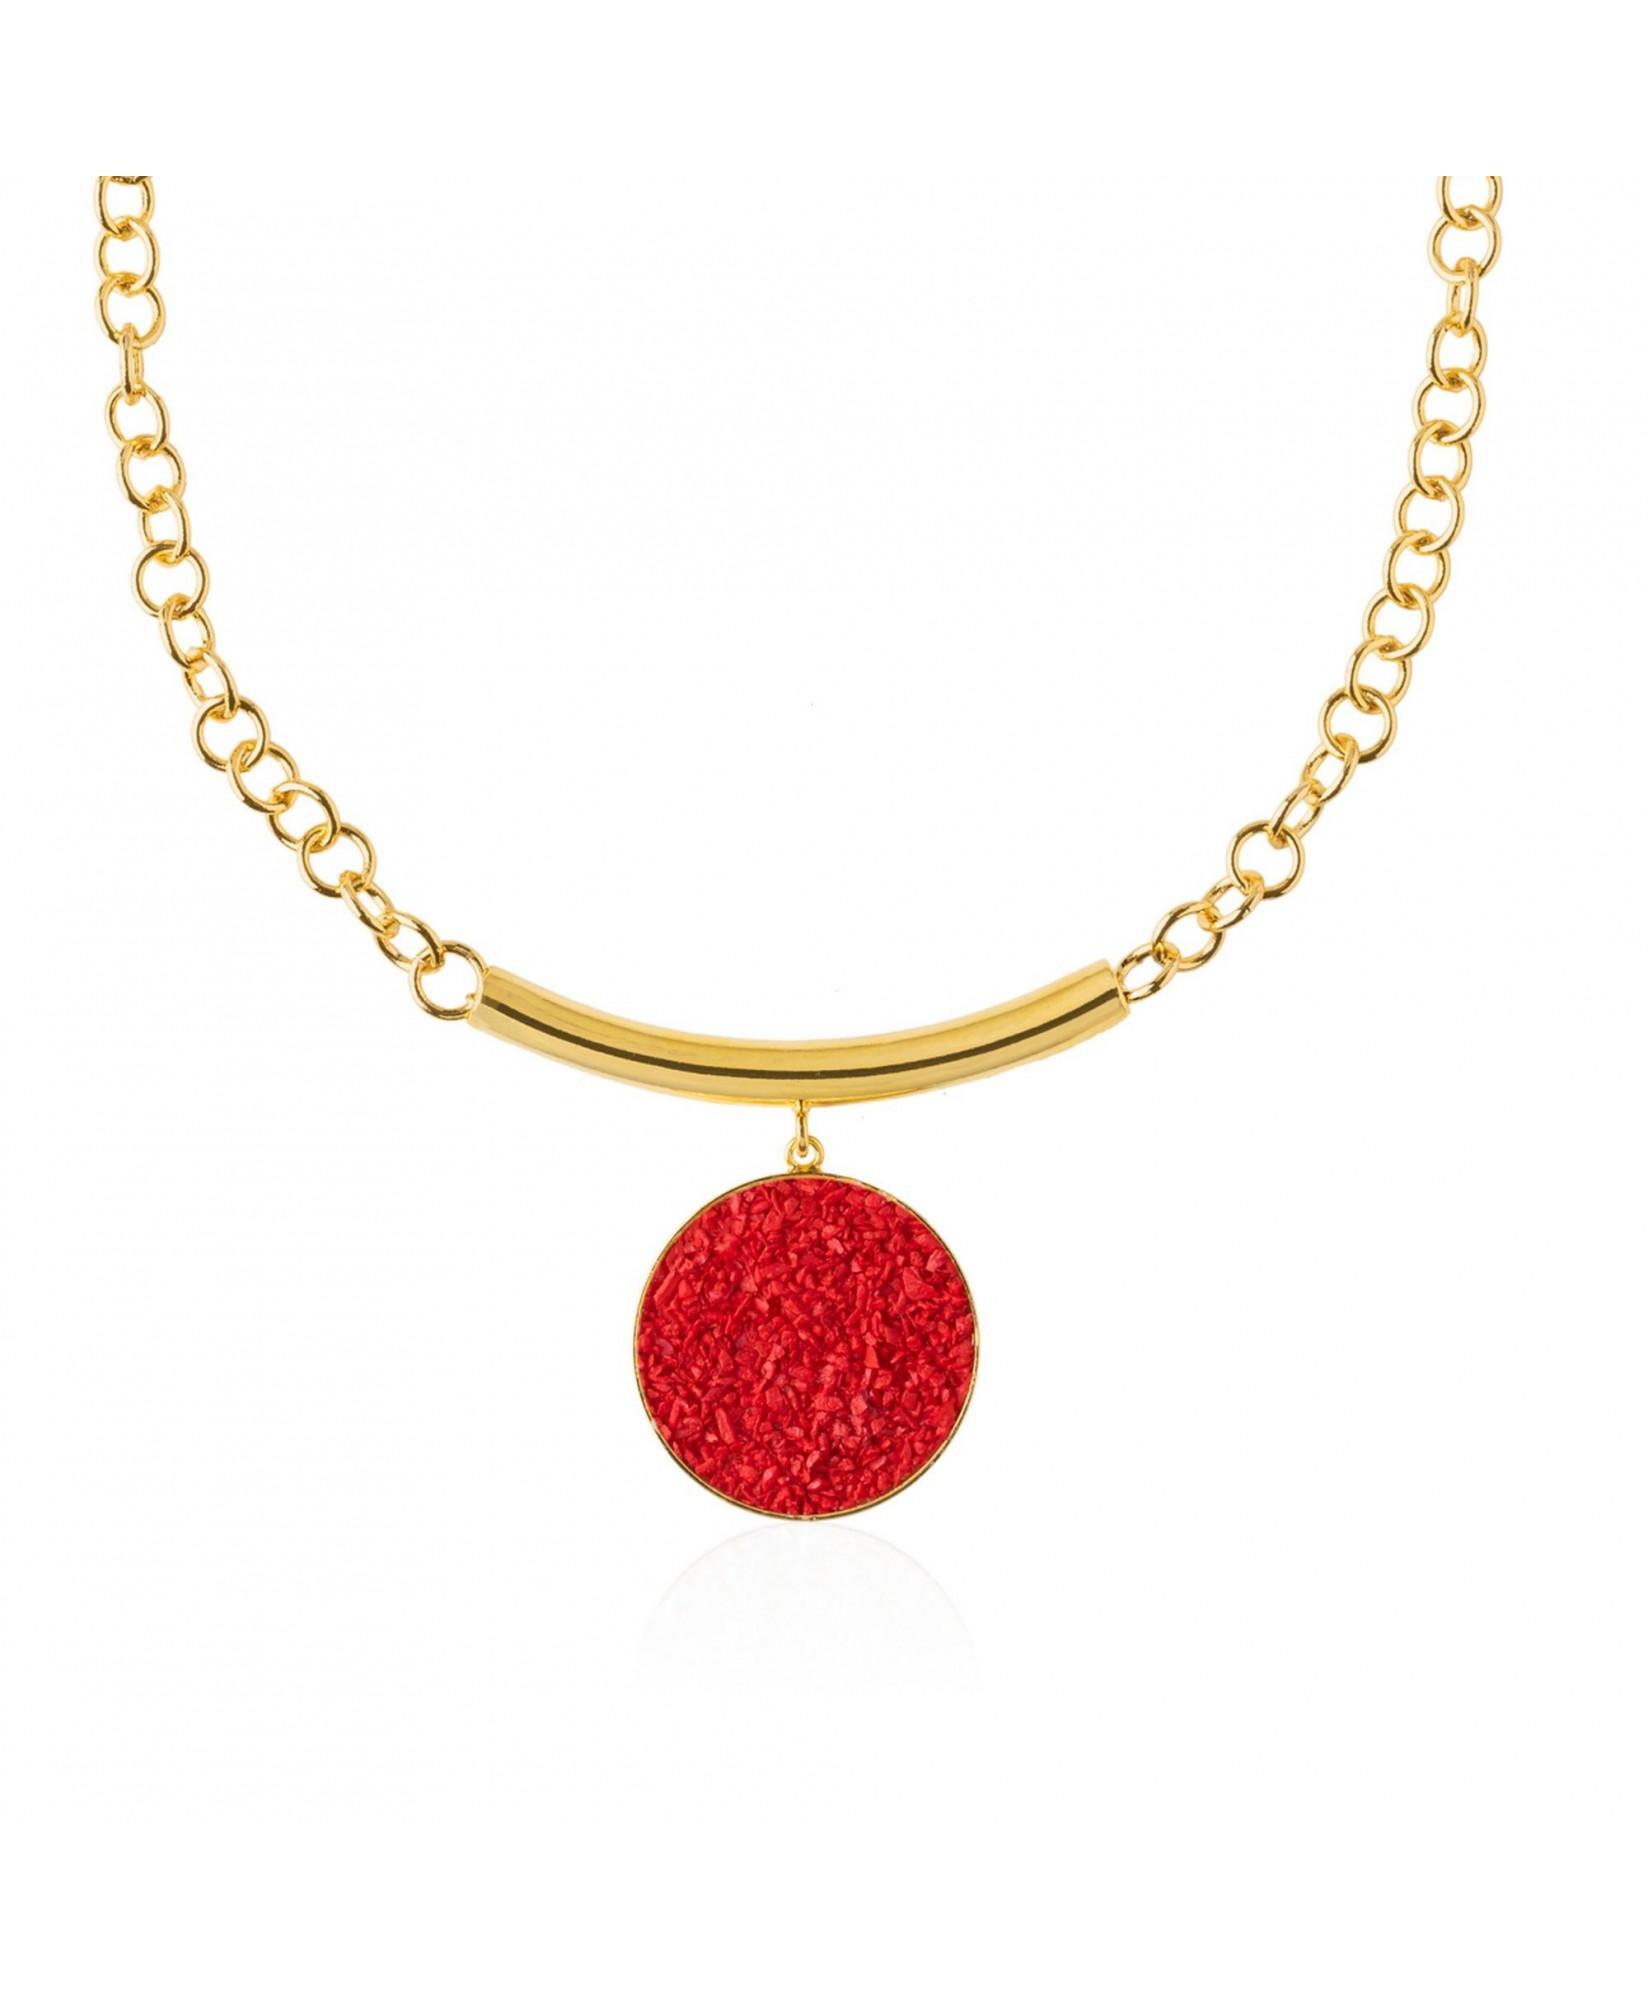 Collar oro con colgante Estia y nácar rojo Collar oro con colgante Estia y nácar rojo